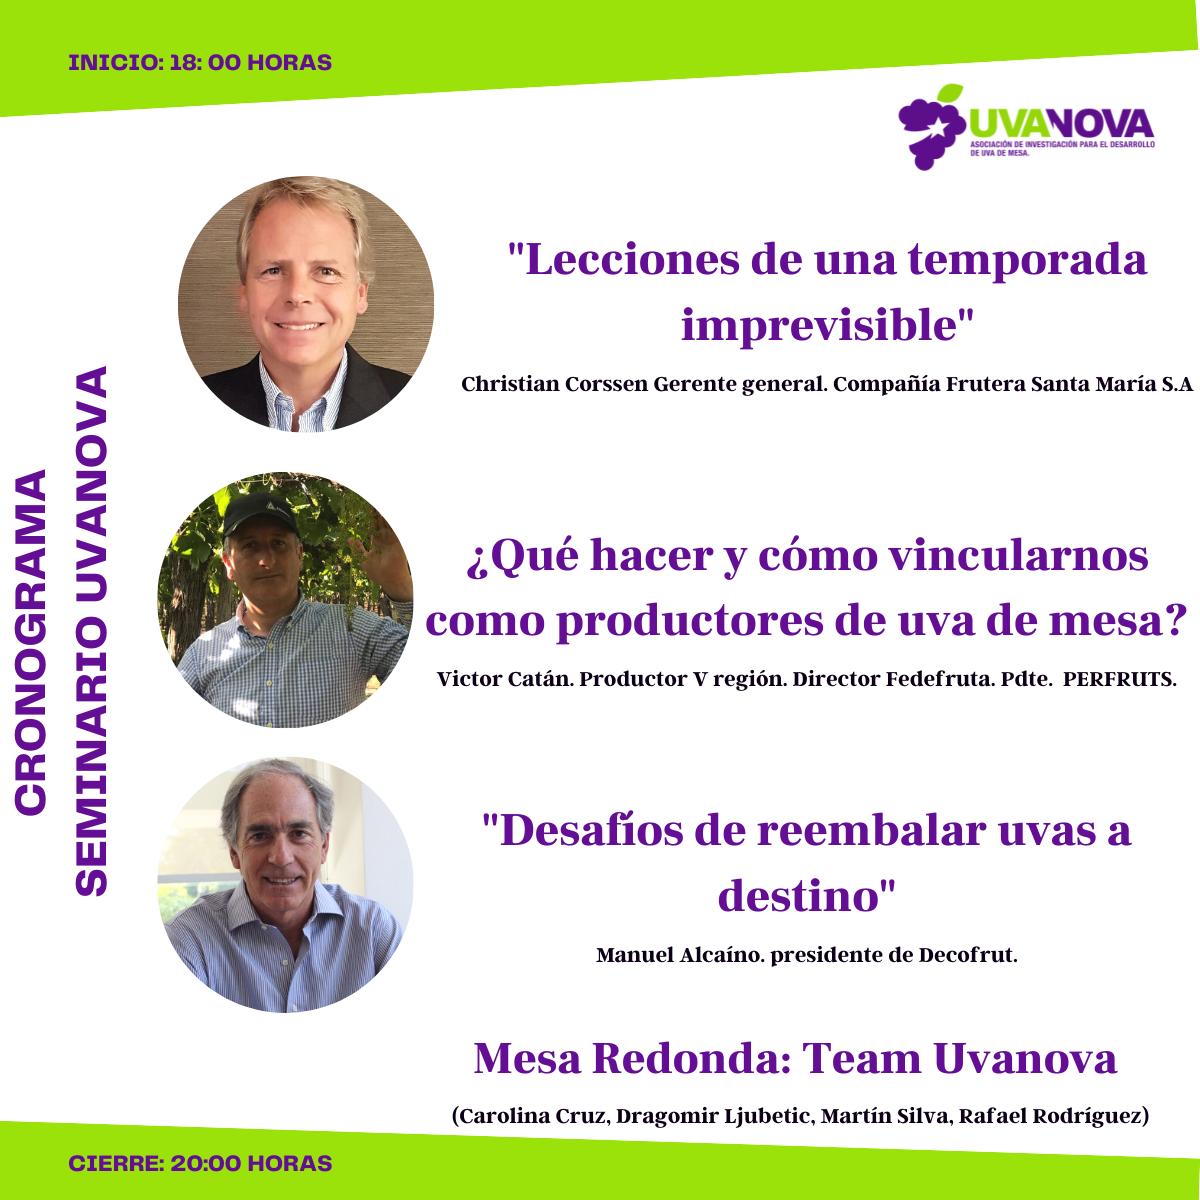 Nuevo seminario Uvanova: Diagnóstico, visión y acción para los cambios en uva de mesa